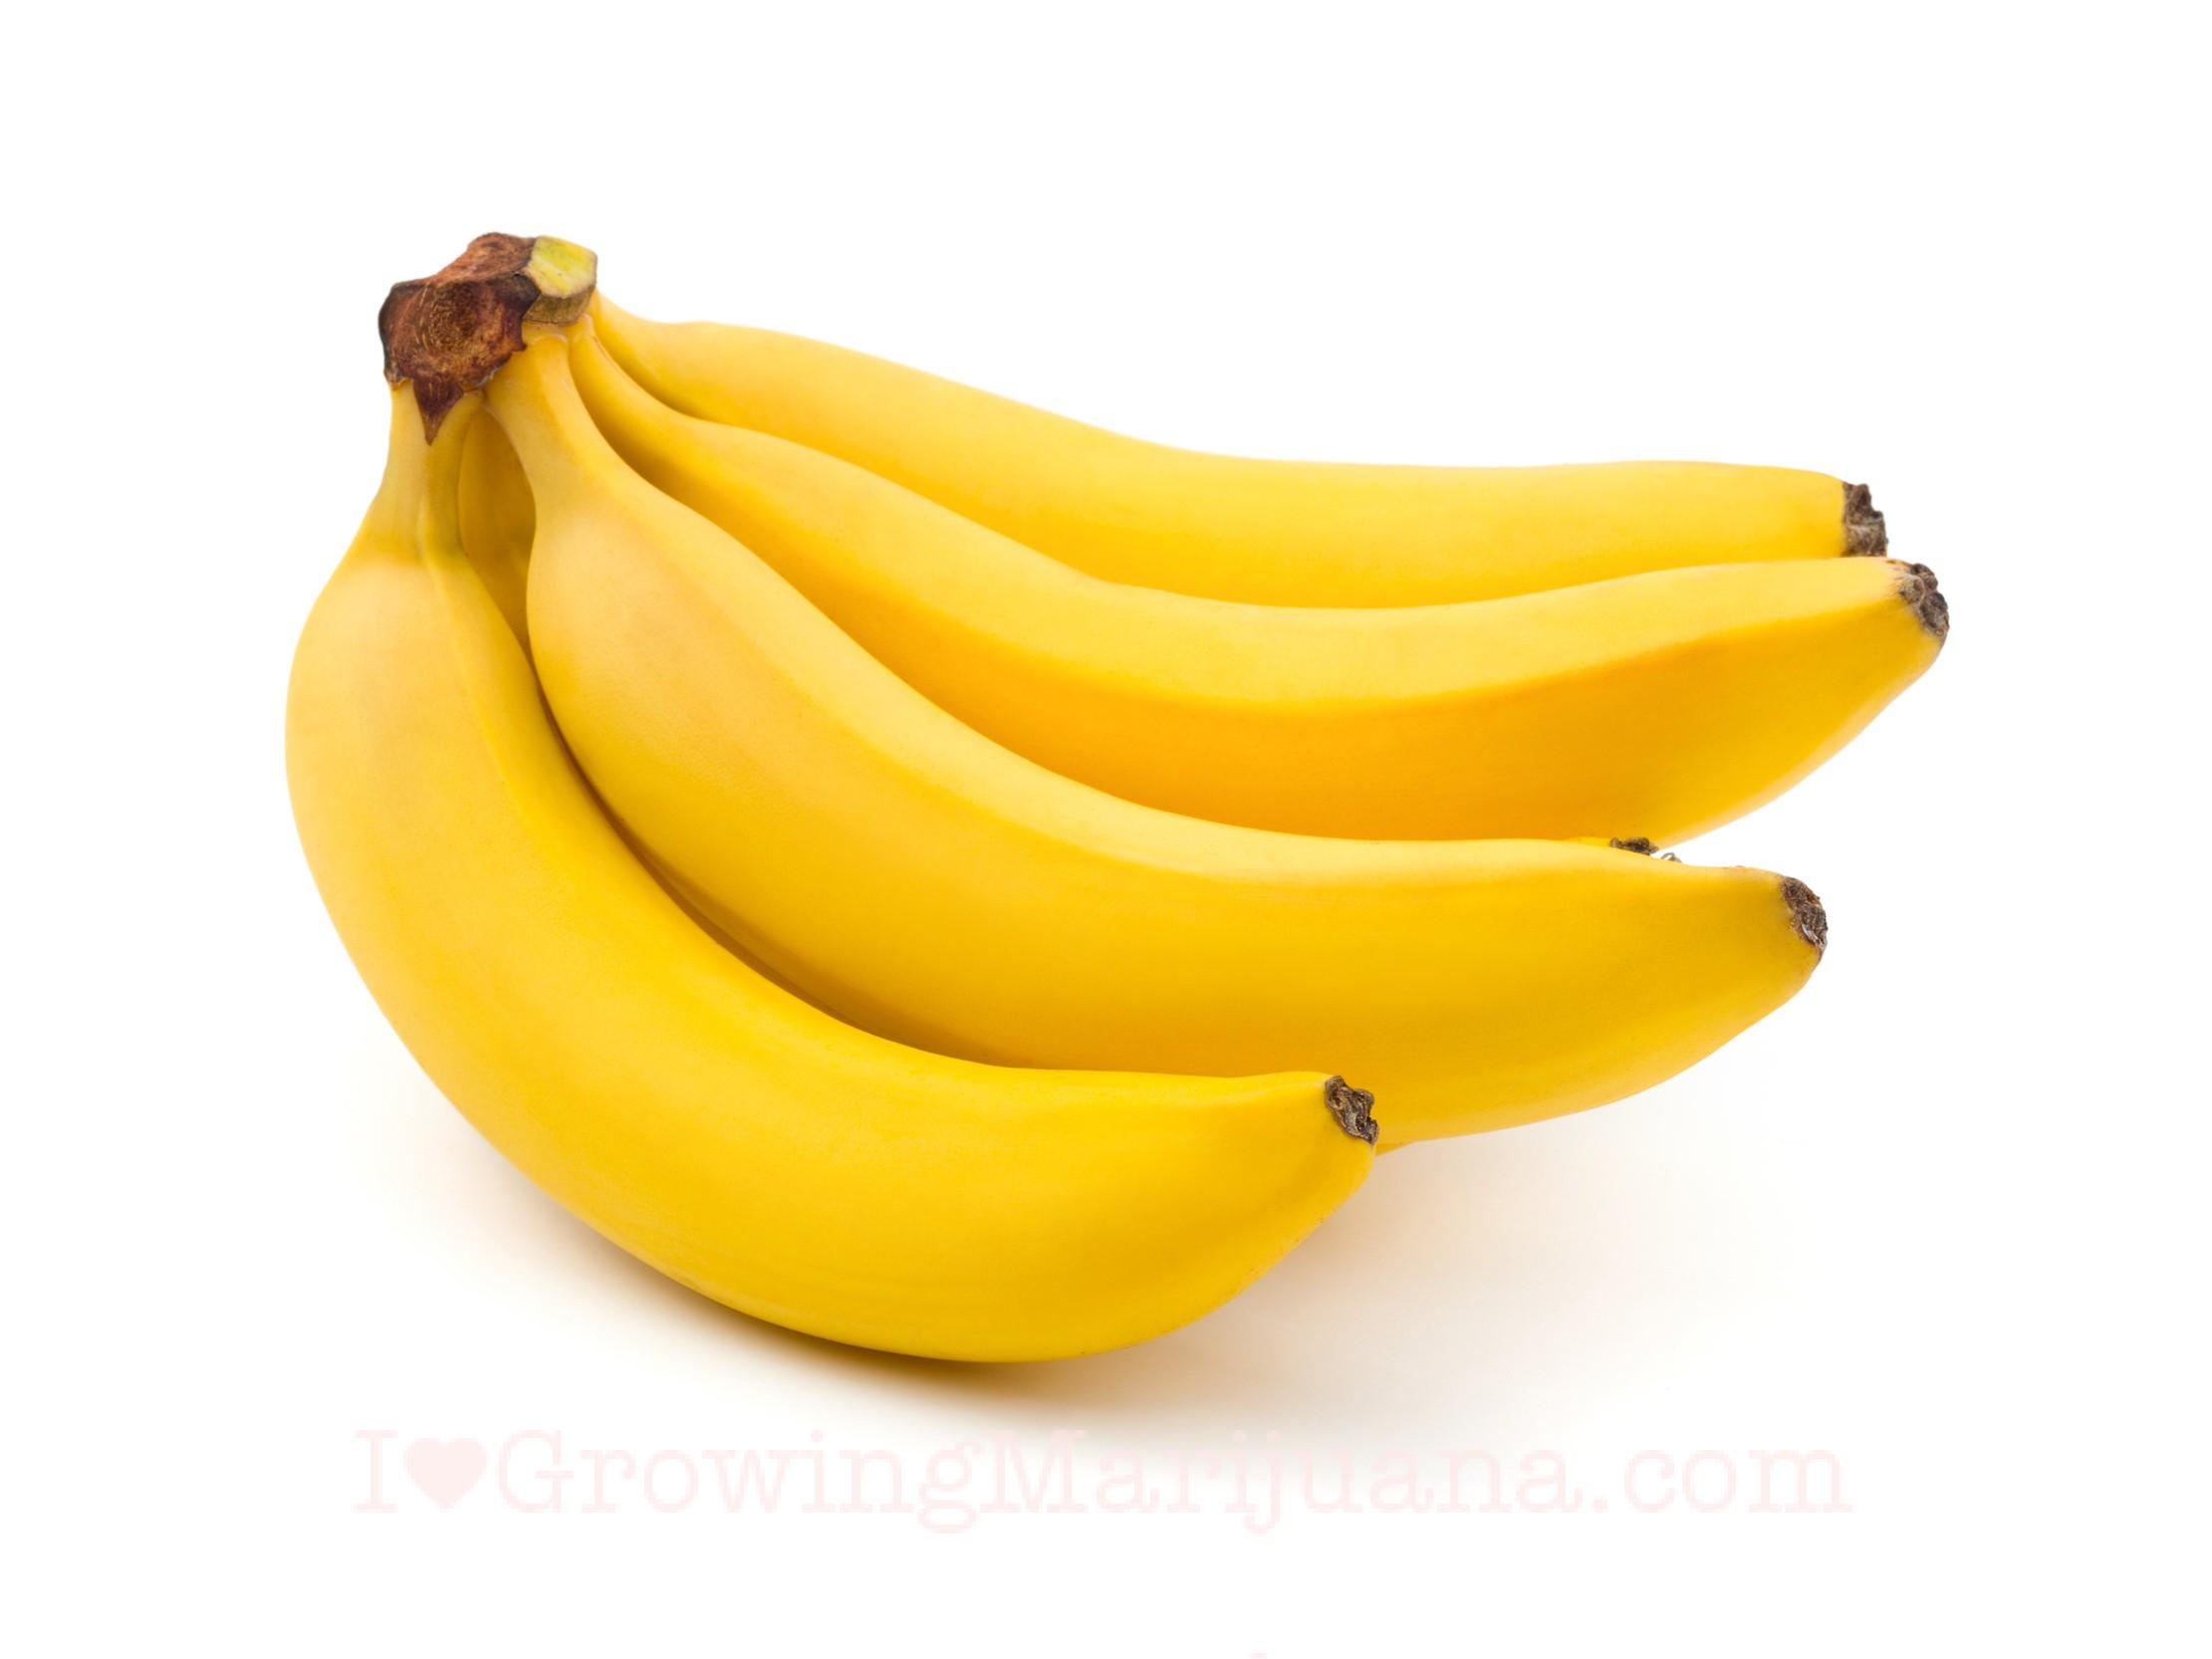 03-marijuana-banana